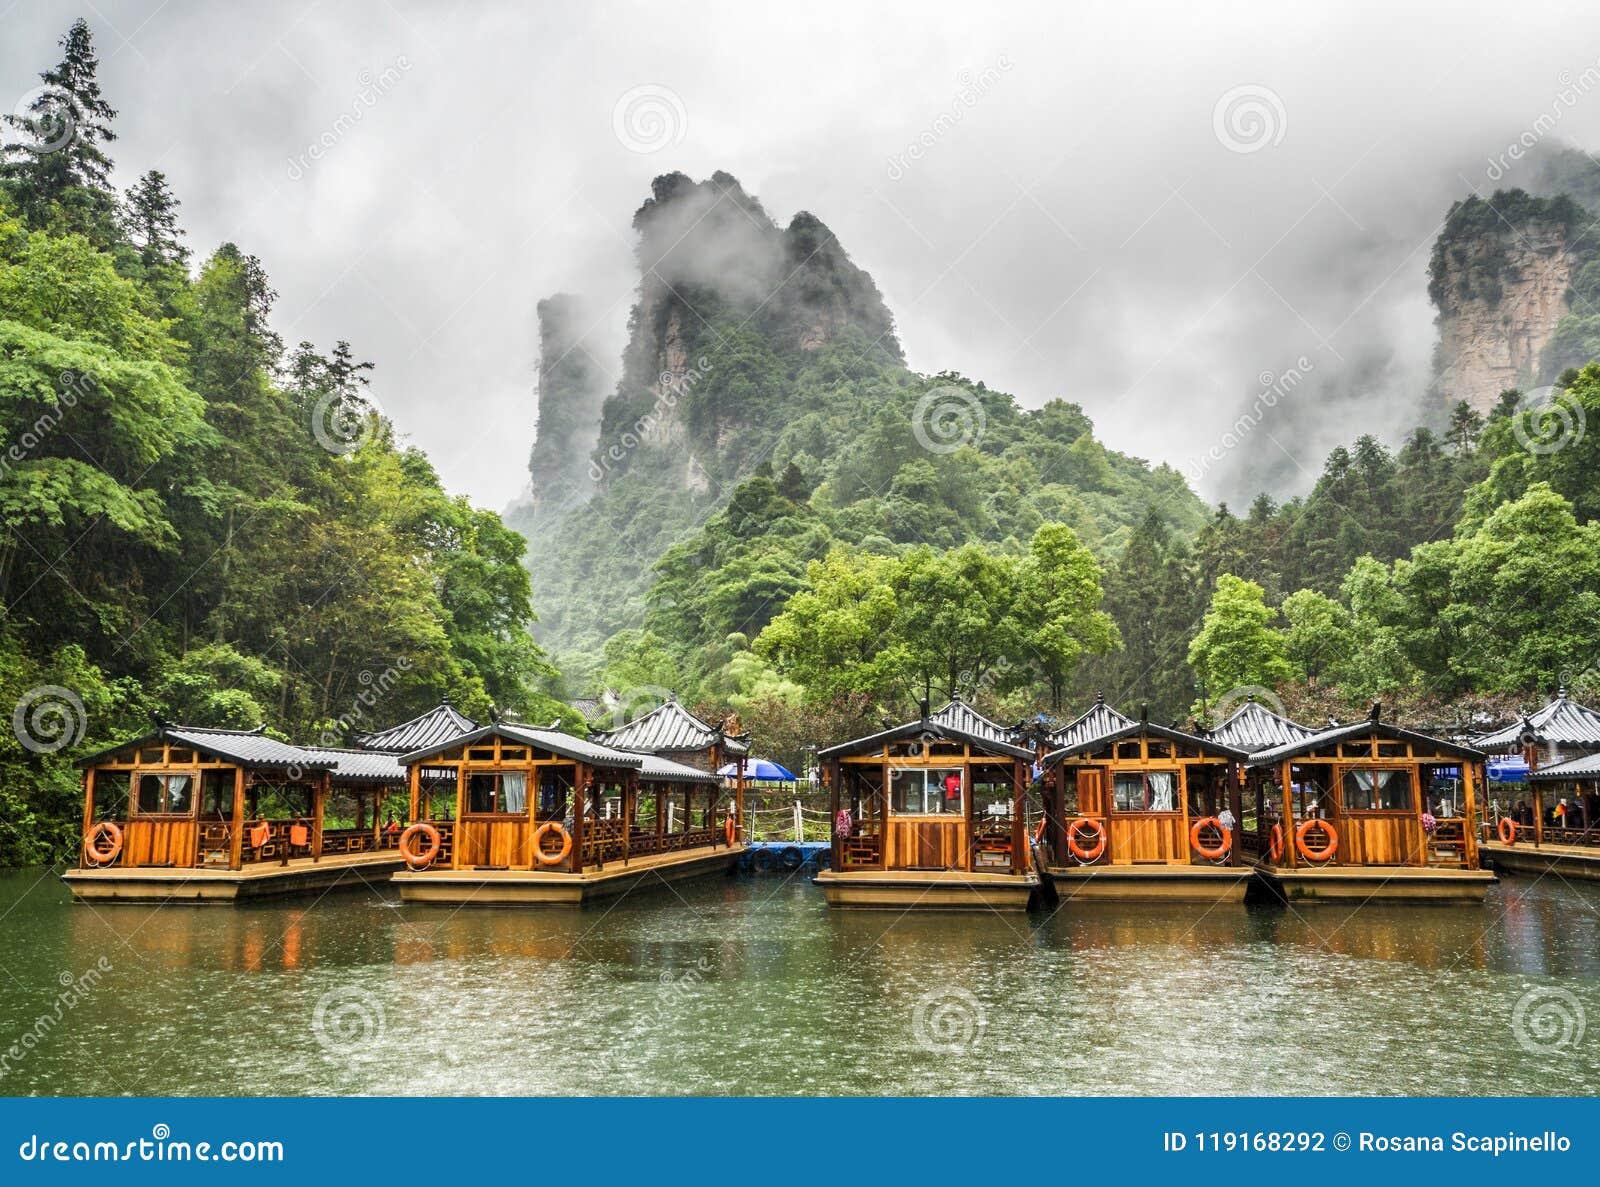 De Rondvaart van het Baofengmeer in een regenachtige dag met wolken en mist in Wulingyuan, Zhangjiajie Nationaal Forest Park, de